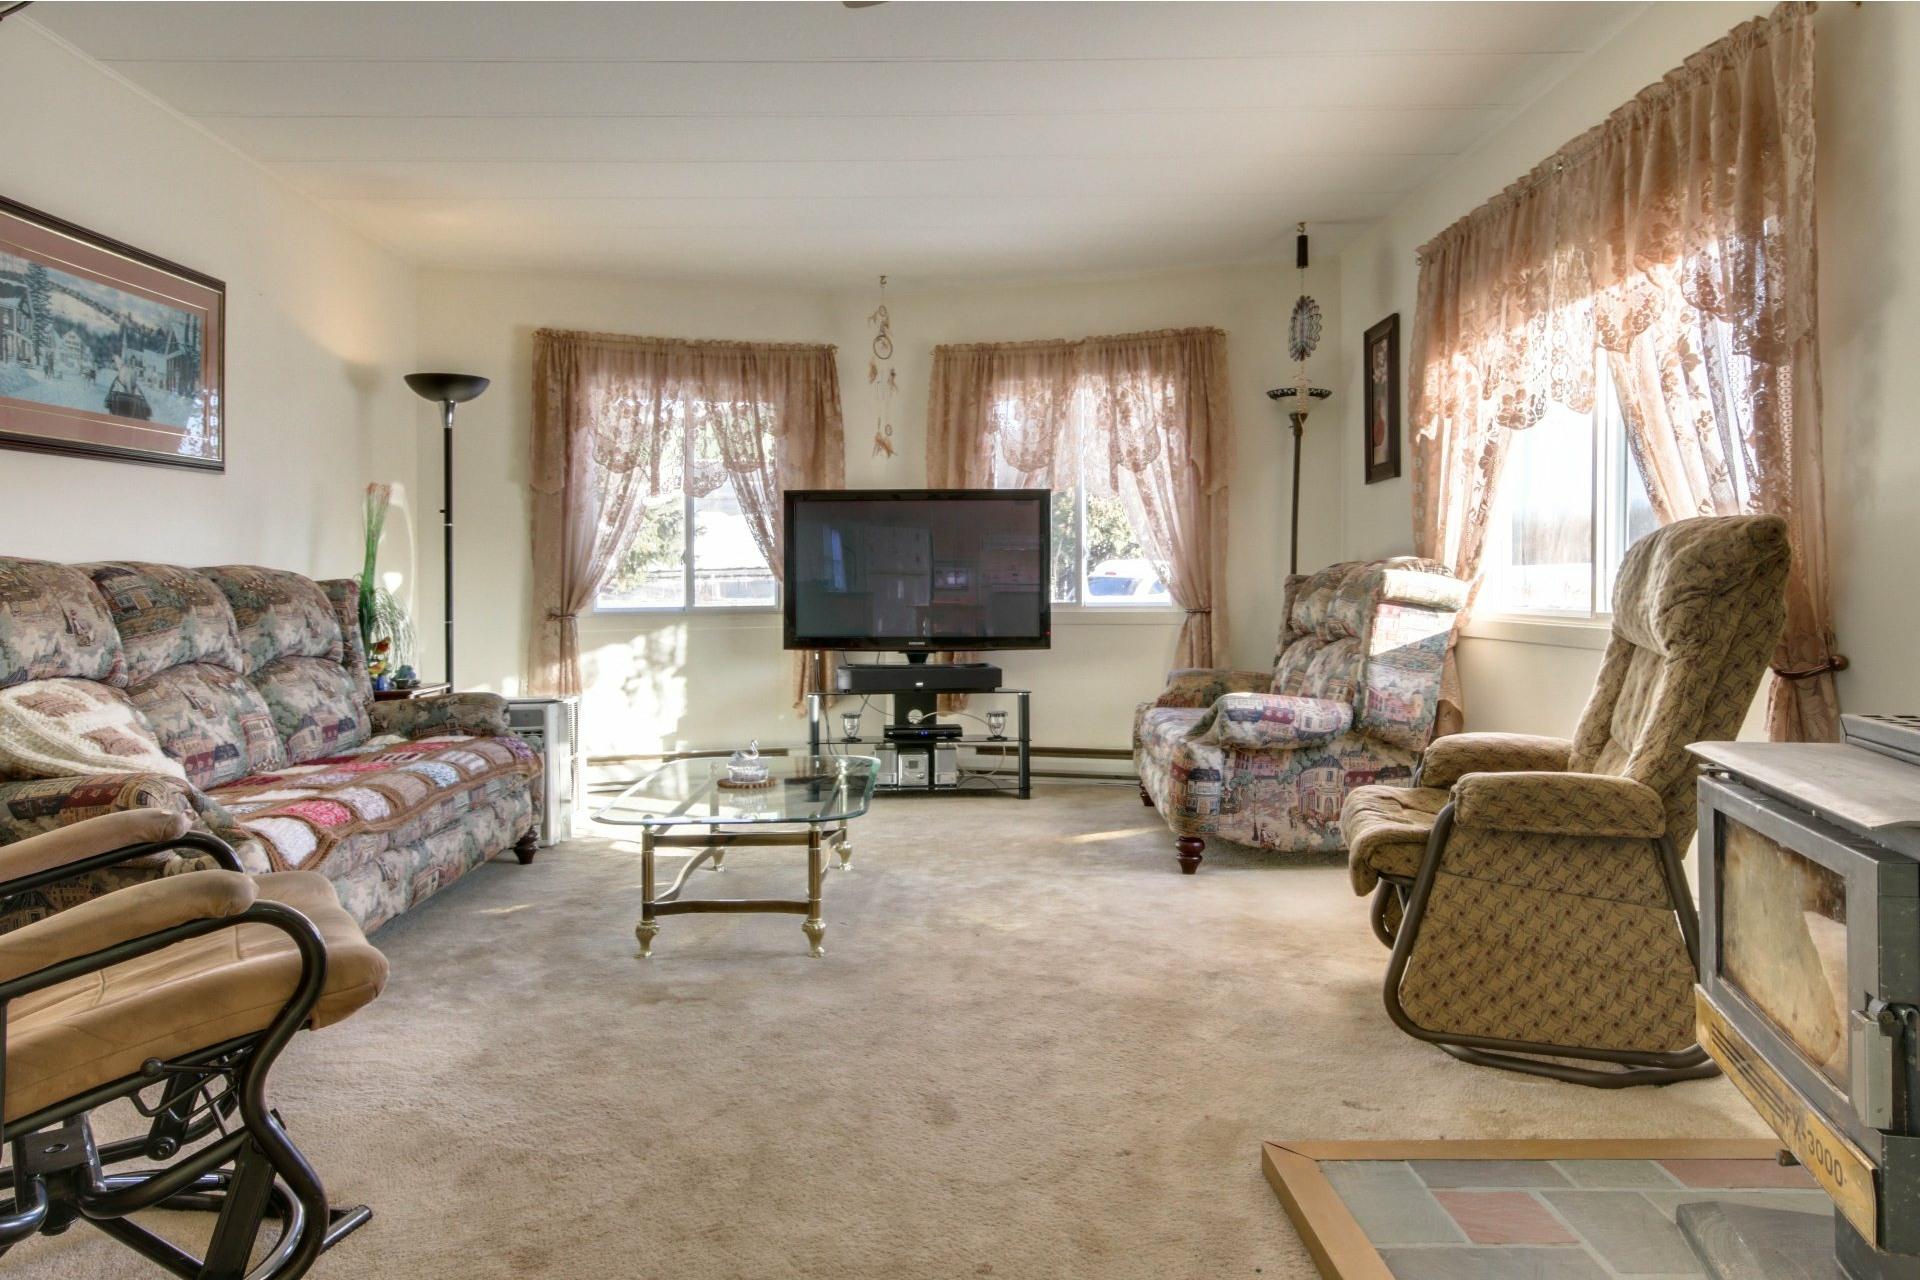 image 2 - House For sale Saint-Pierre-les-Becquets - 6 rooms